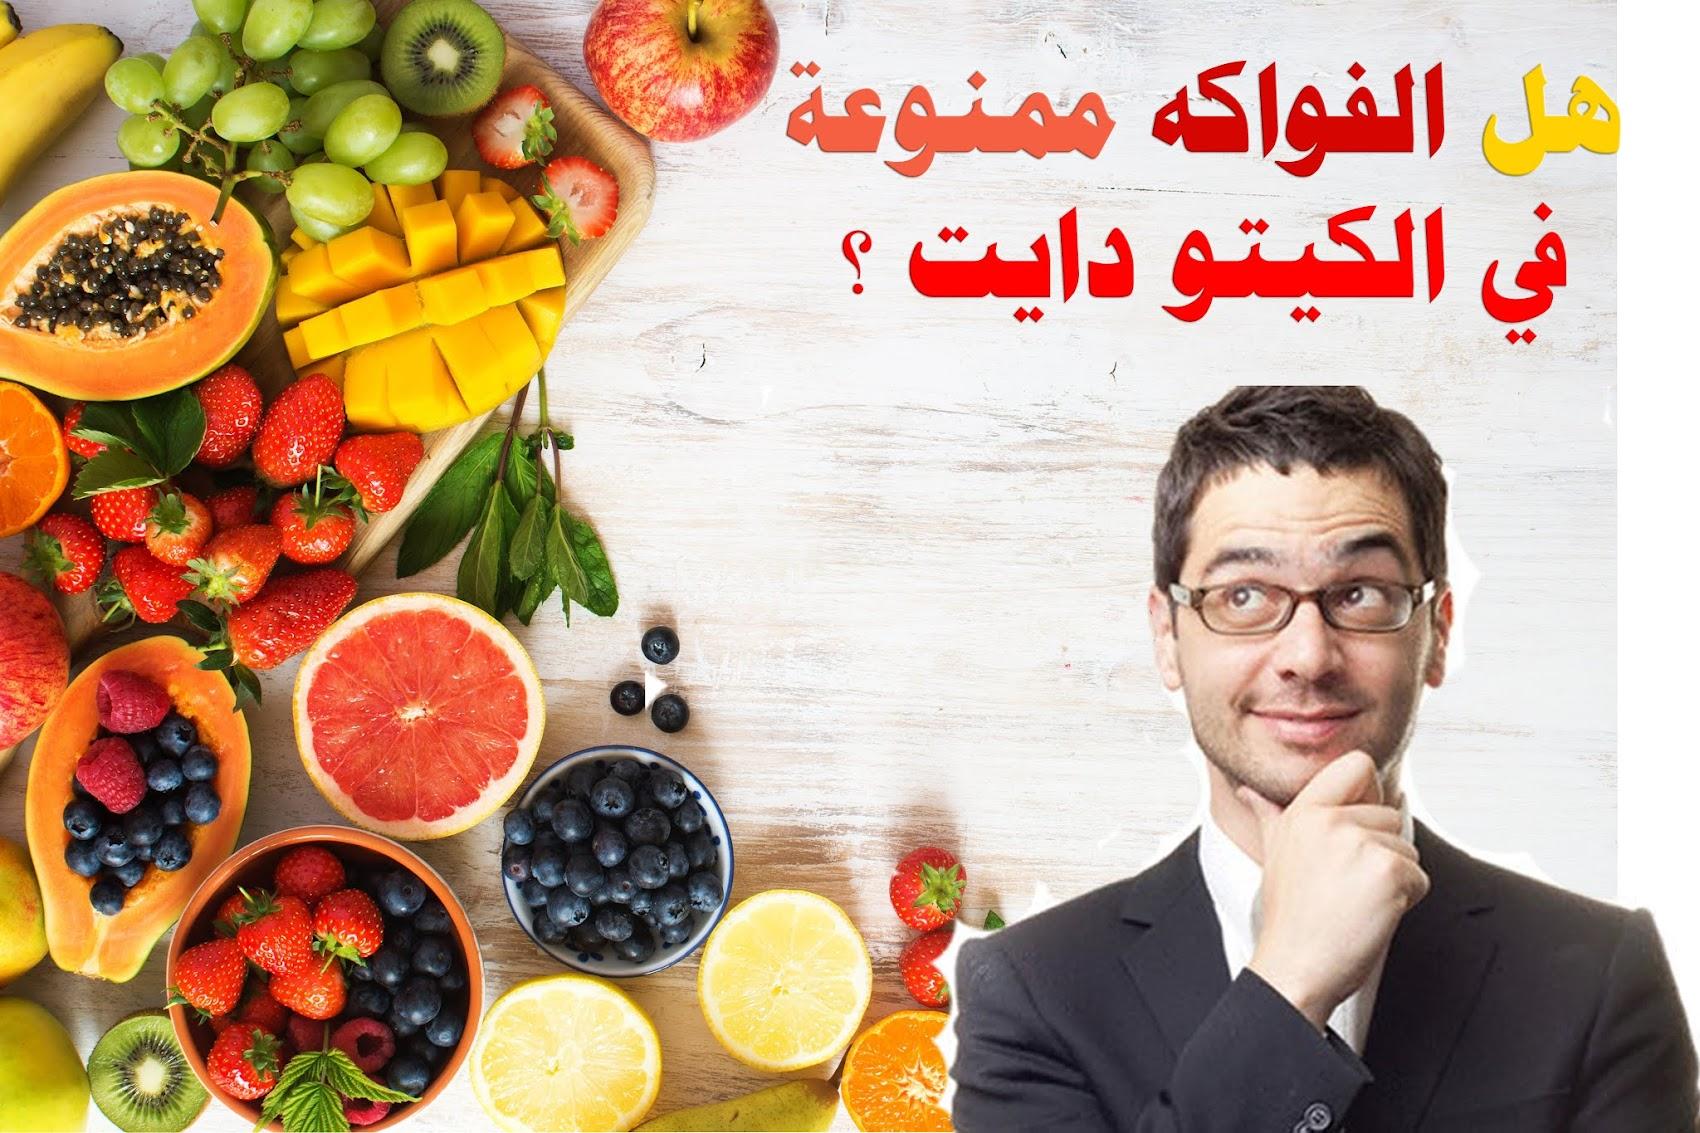 هل الفواكه ممنوع في الكيتو دايت